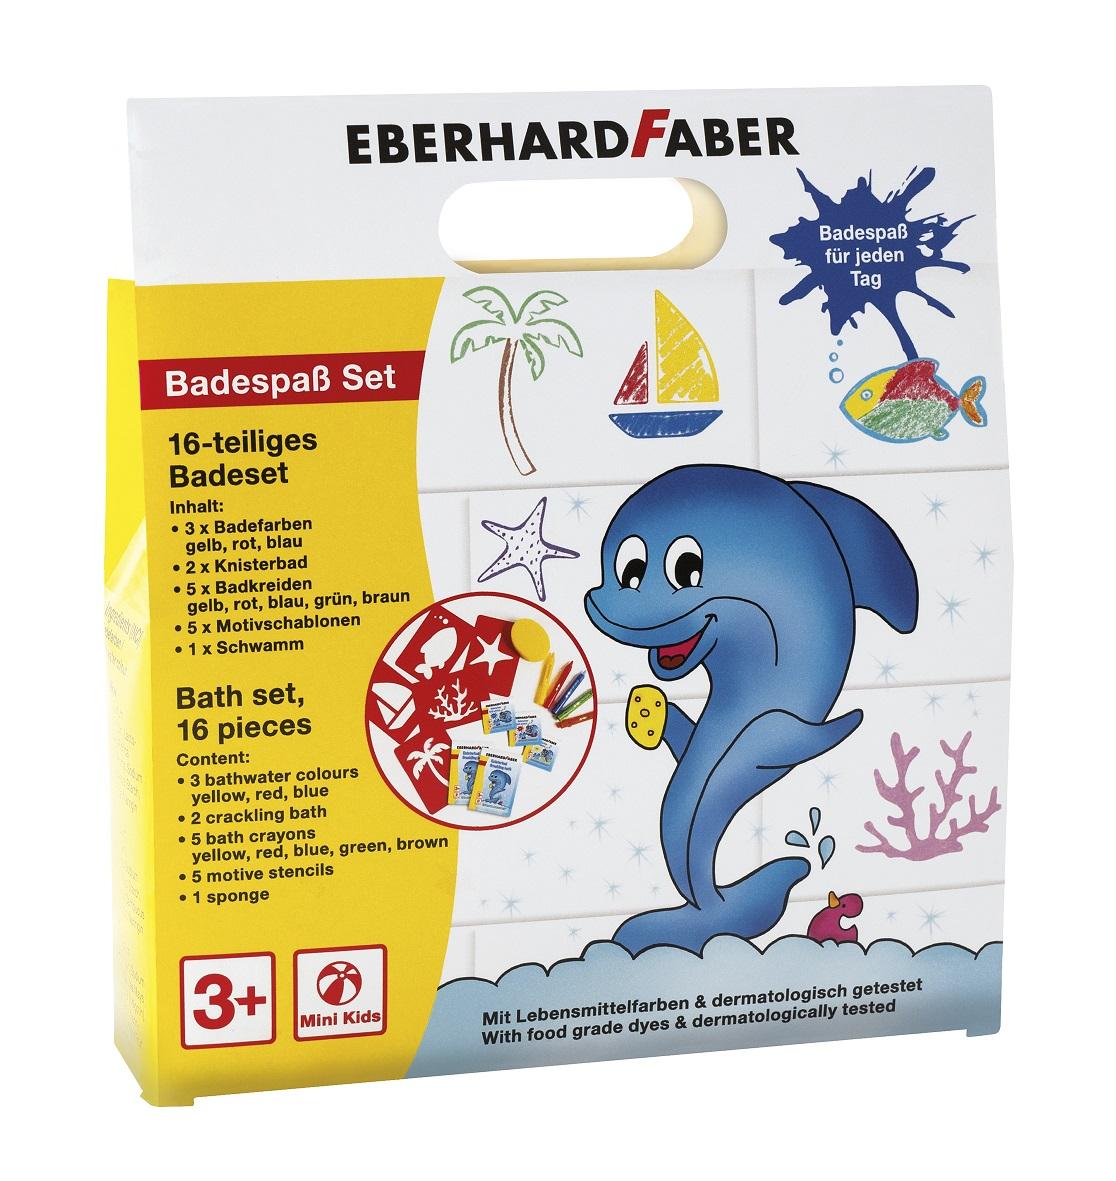 Eberhard Faber 524116 - 16 teiliges Badeset - Badespaß Set für Kinder zum Malen und Zeichnen auf Fli